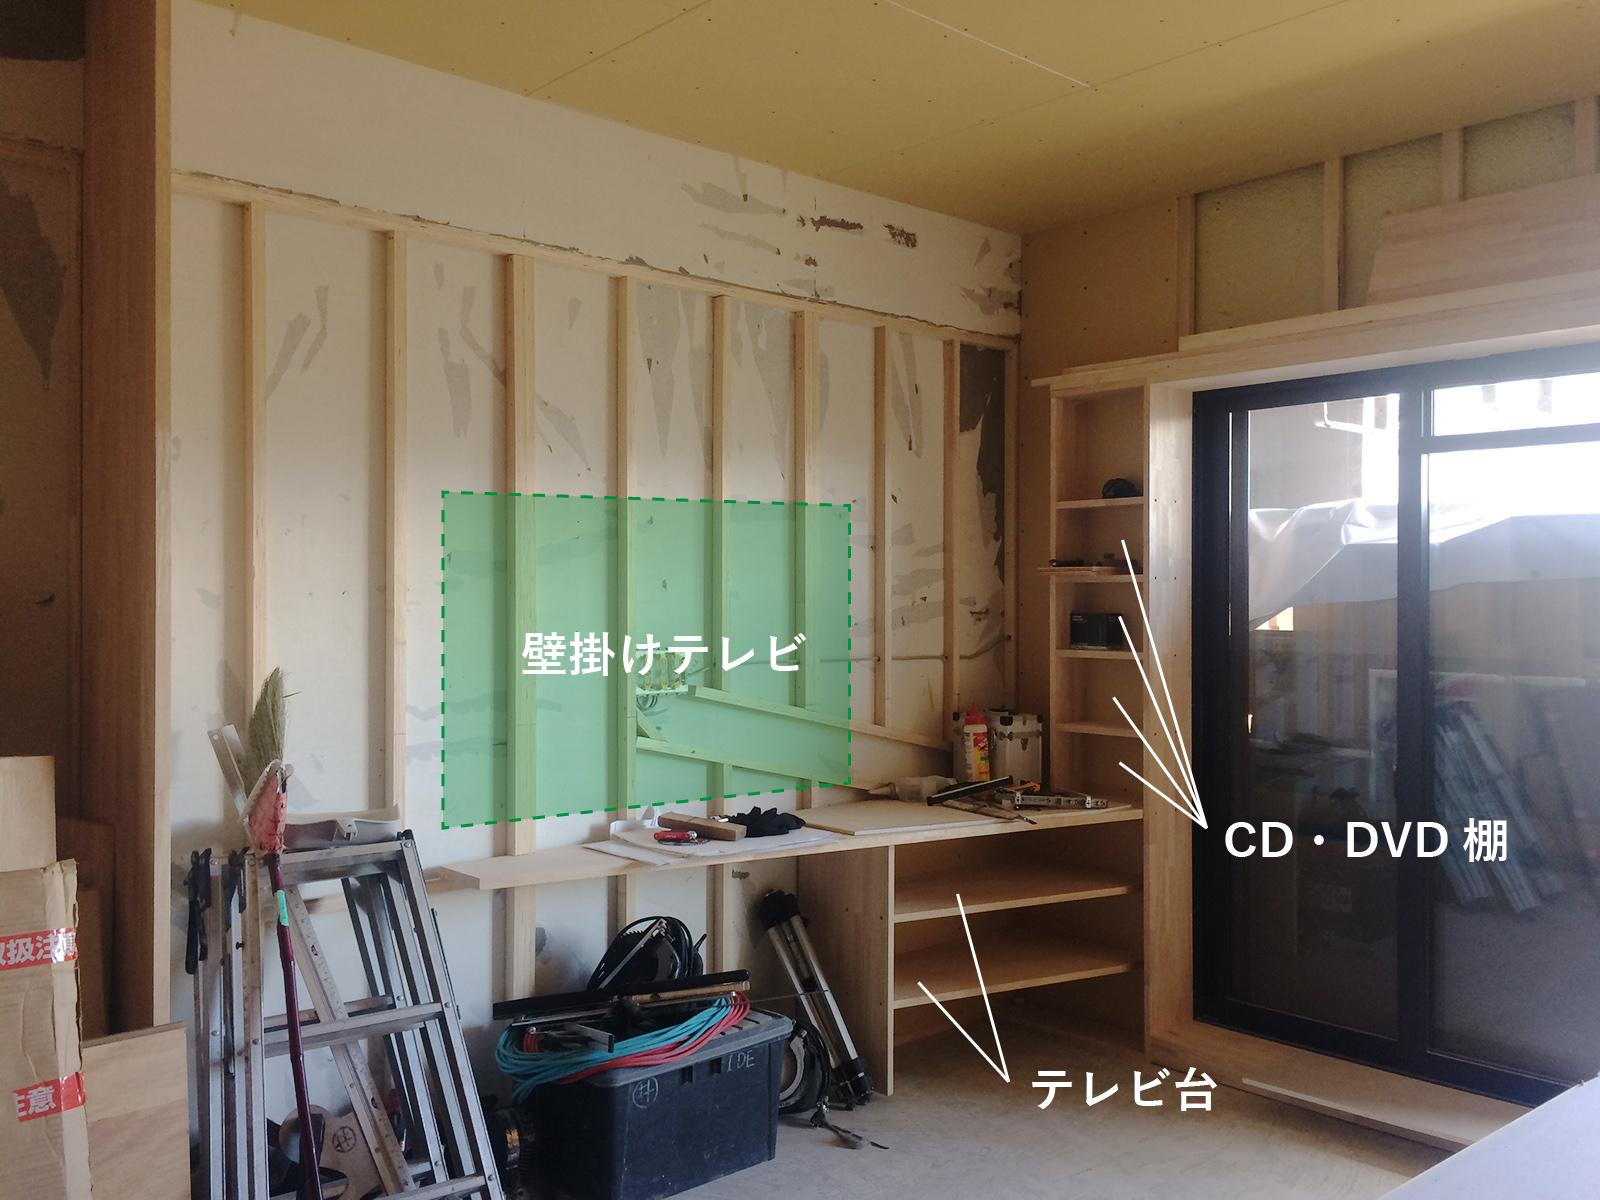 堺市 なかもずマンションのリノベーション(テレビボード)